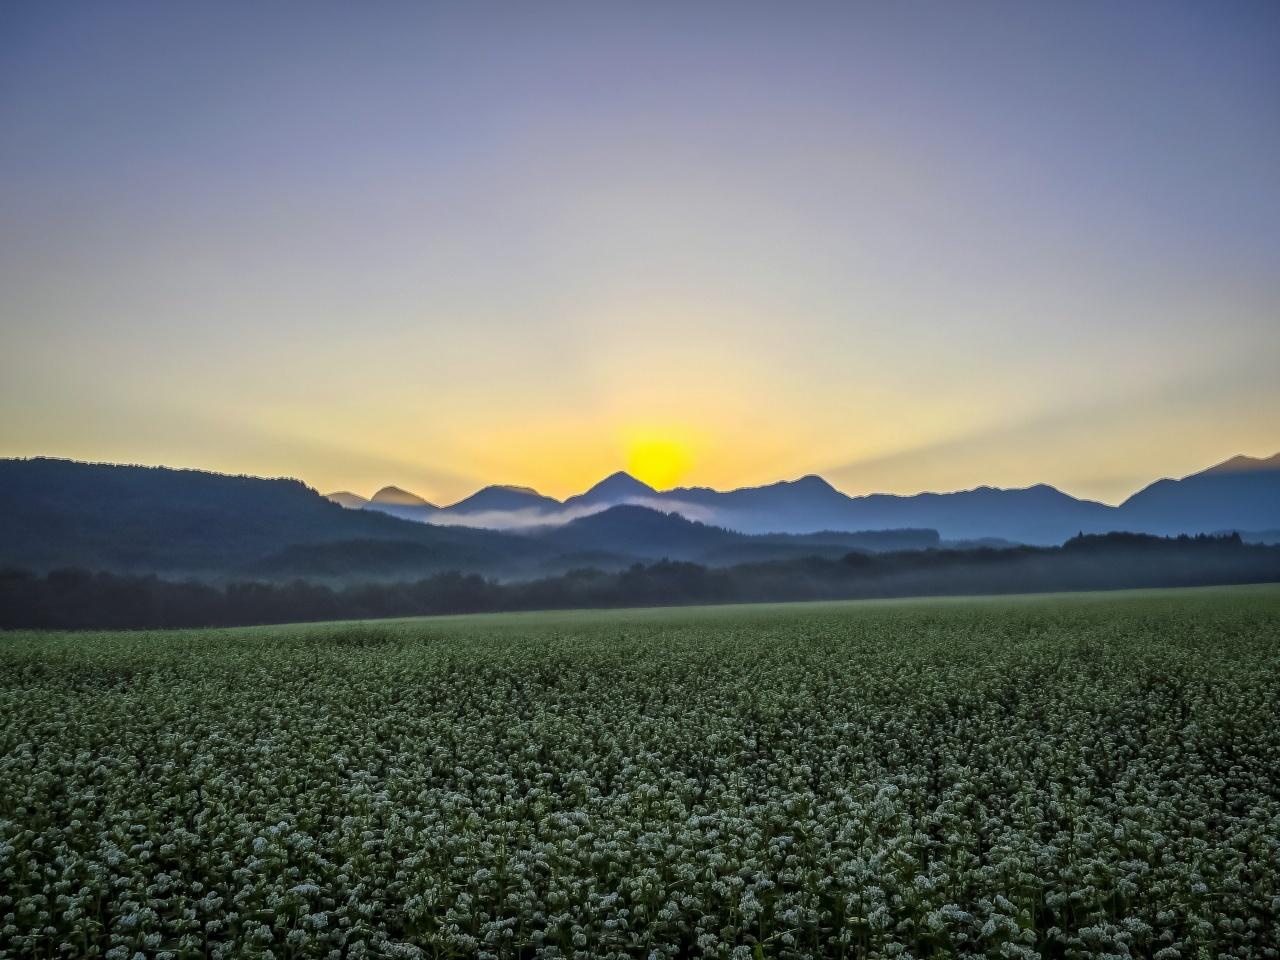 2020.8.27早朝の満開のそば畑(猿楽台地)_e0321032_16495721.jpg